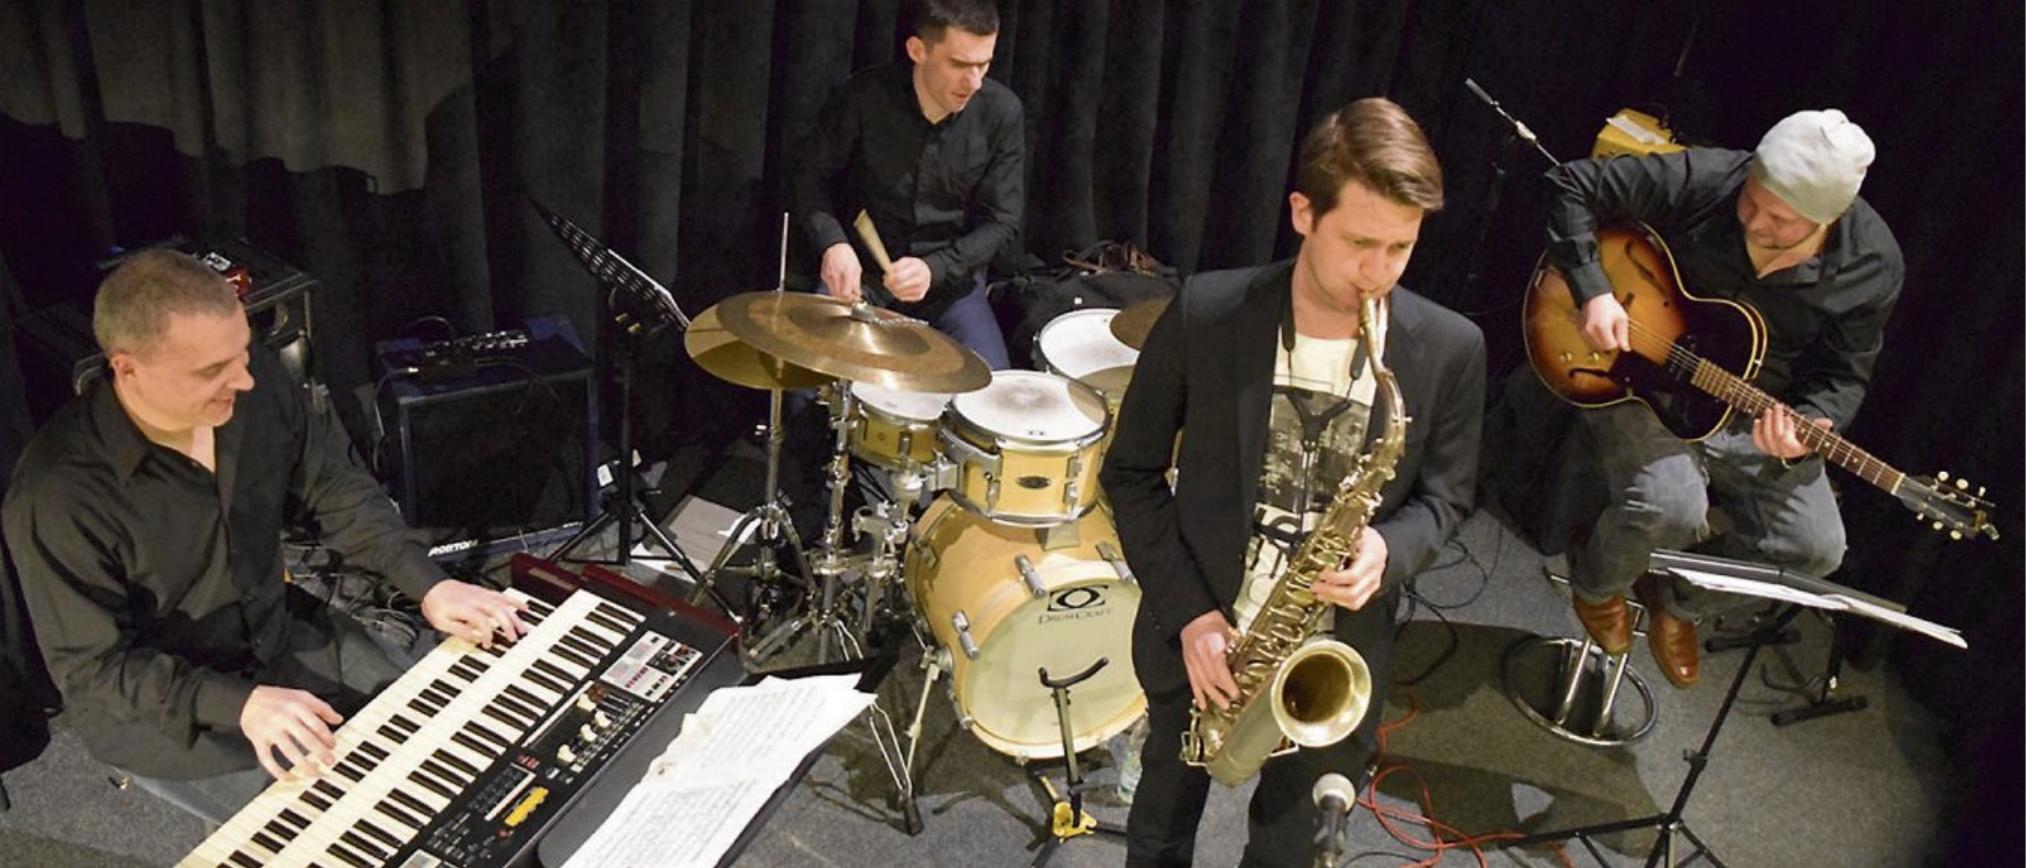 BYRN: Groove und Jazz vereinen die vier hochkarätigen Musiker aus Deutschland und Frankreich in ihrer Band BYRN. Die Zuschauer erwartet Groove & MainstreamJazz auf höchstem Niveau.